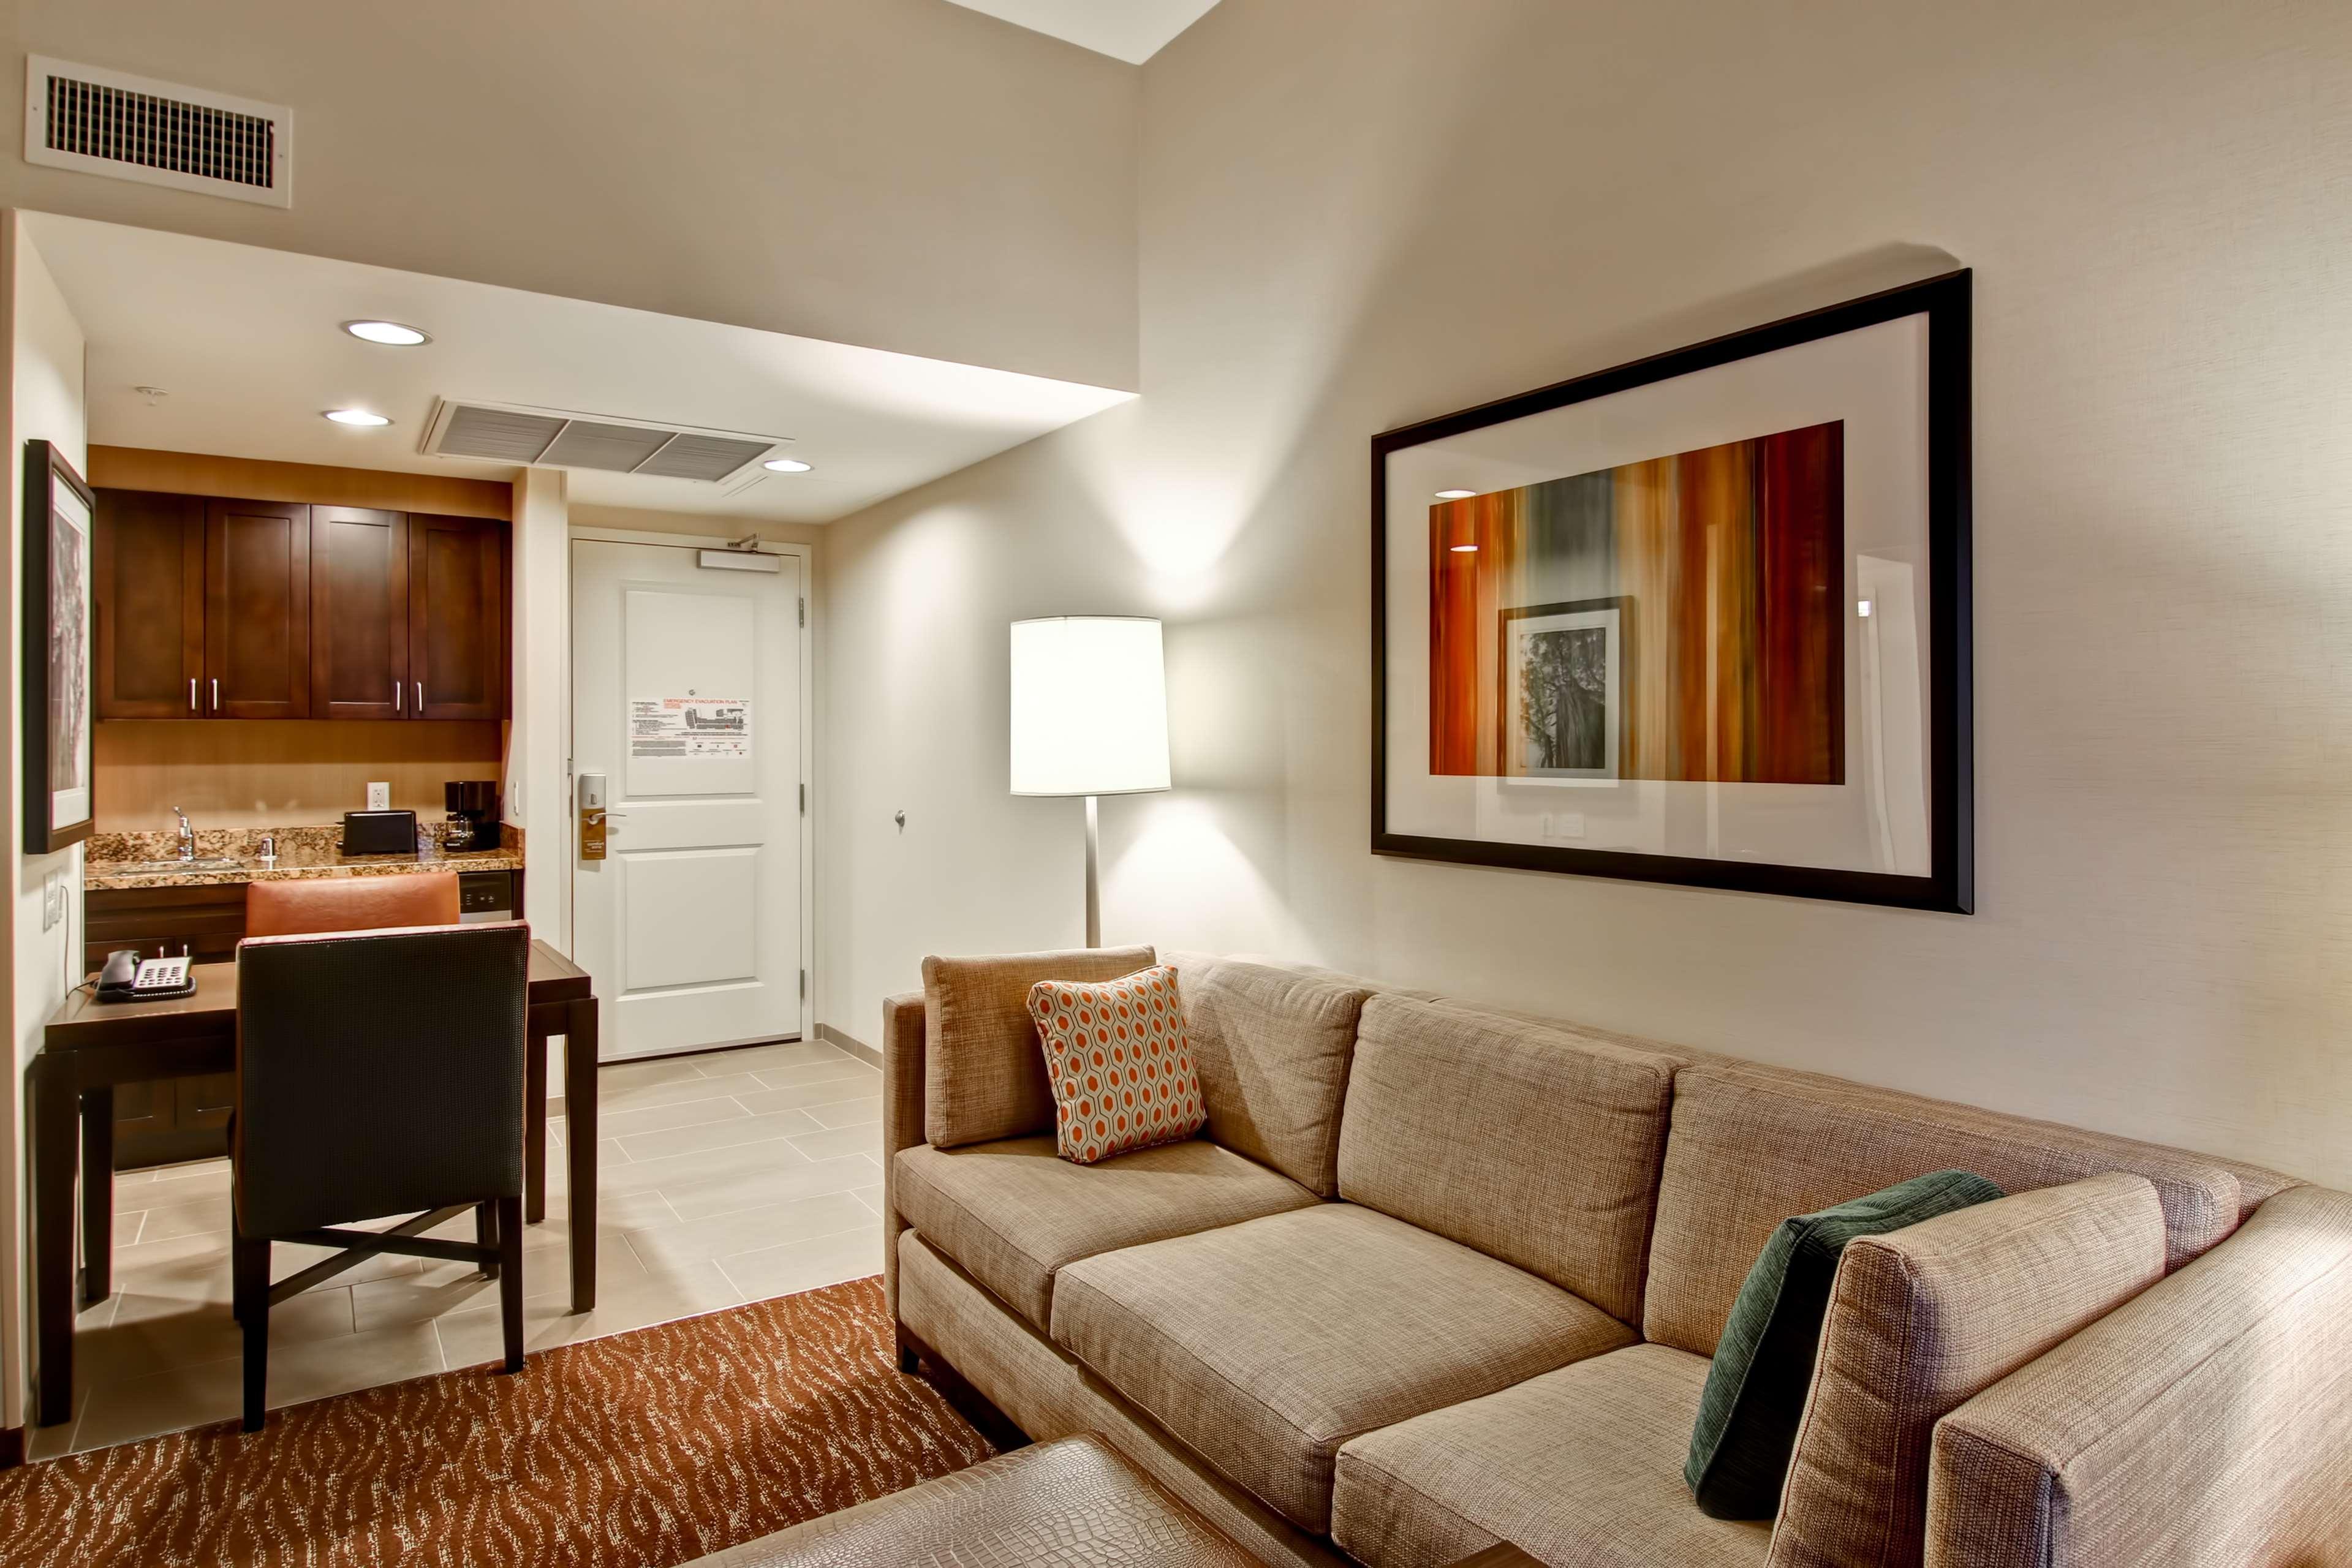 Homewood Suites by Hilton Palo Alto image 31